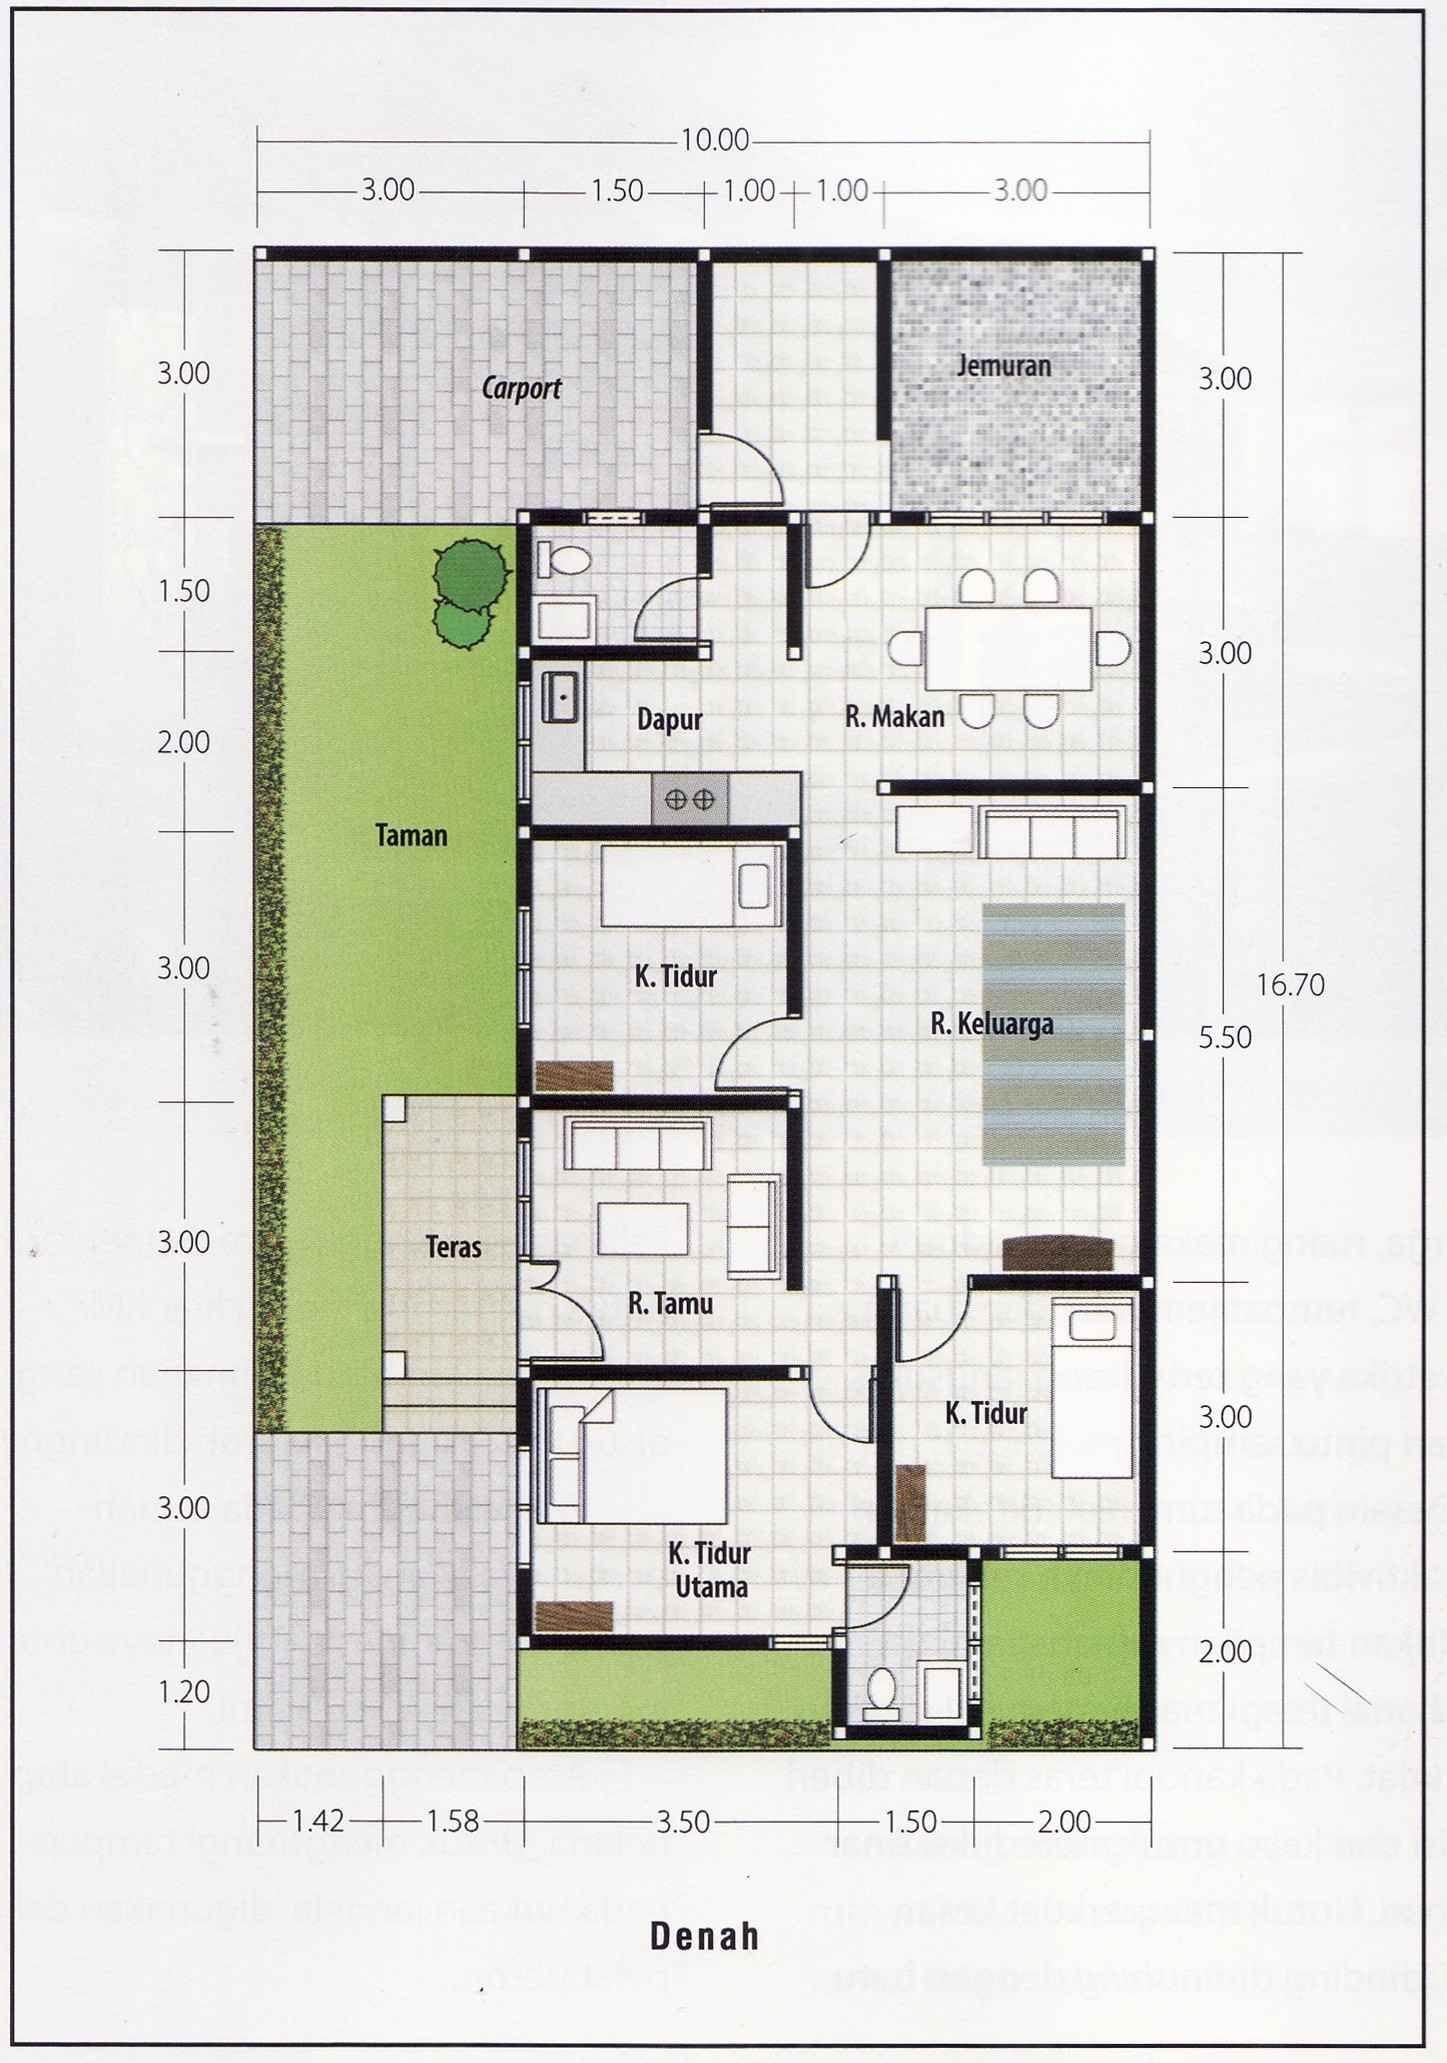 ❤92 Gambar 7 Gambar Desain Dan Denah Rumah Minimalis Modern